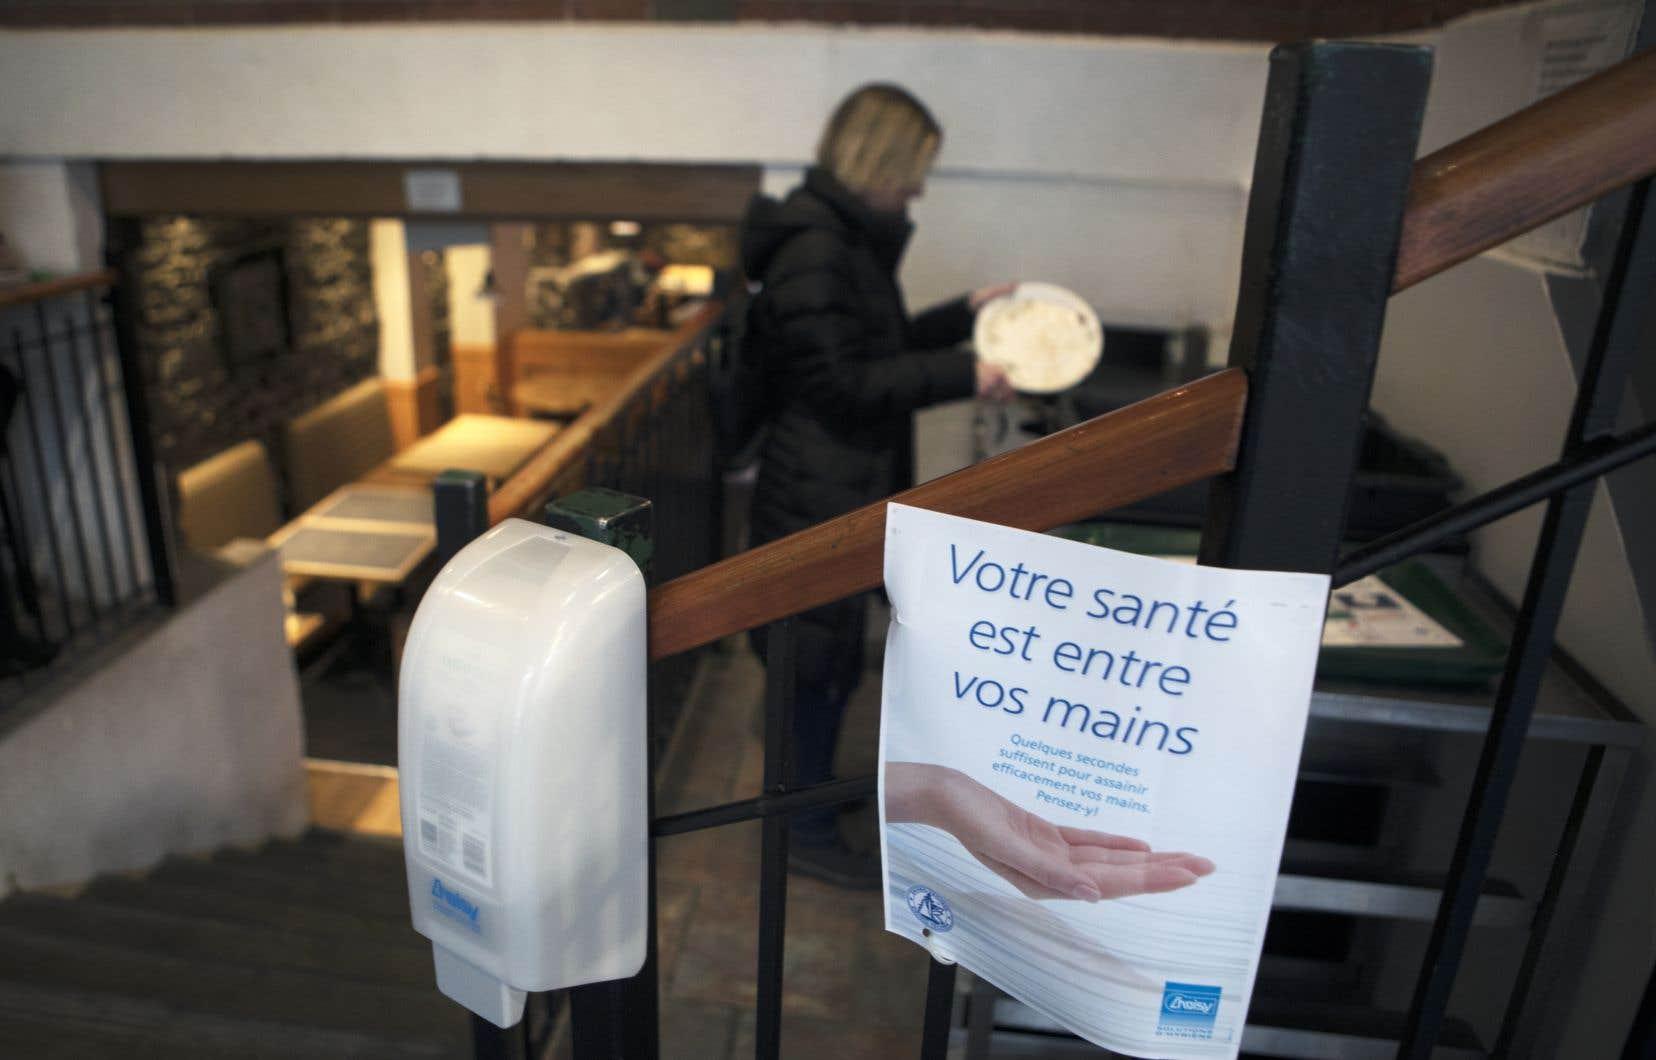 «S'il faut éviter les poignées de main et laver fréquemment ces dernières, c'est surtout pour assurer la sécurité d'autrui», affirment les auteurs.